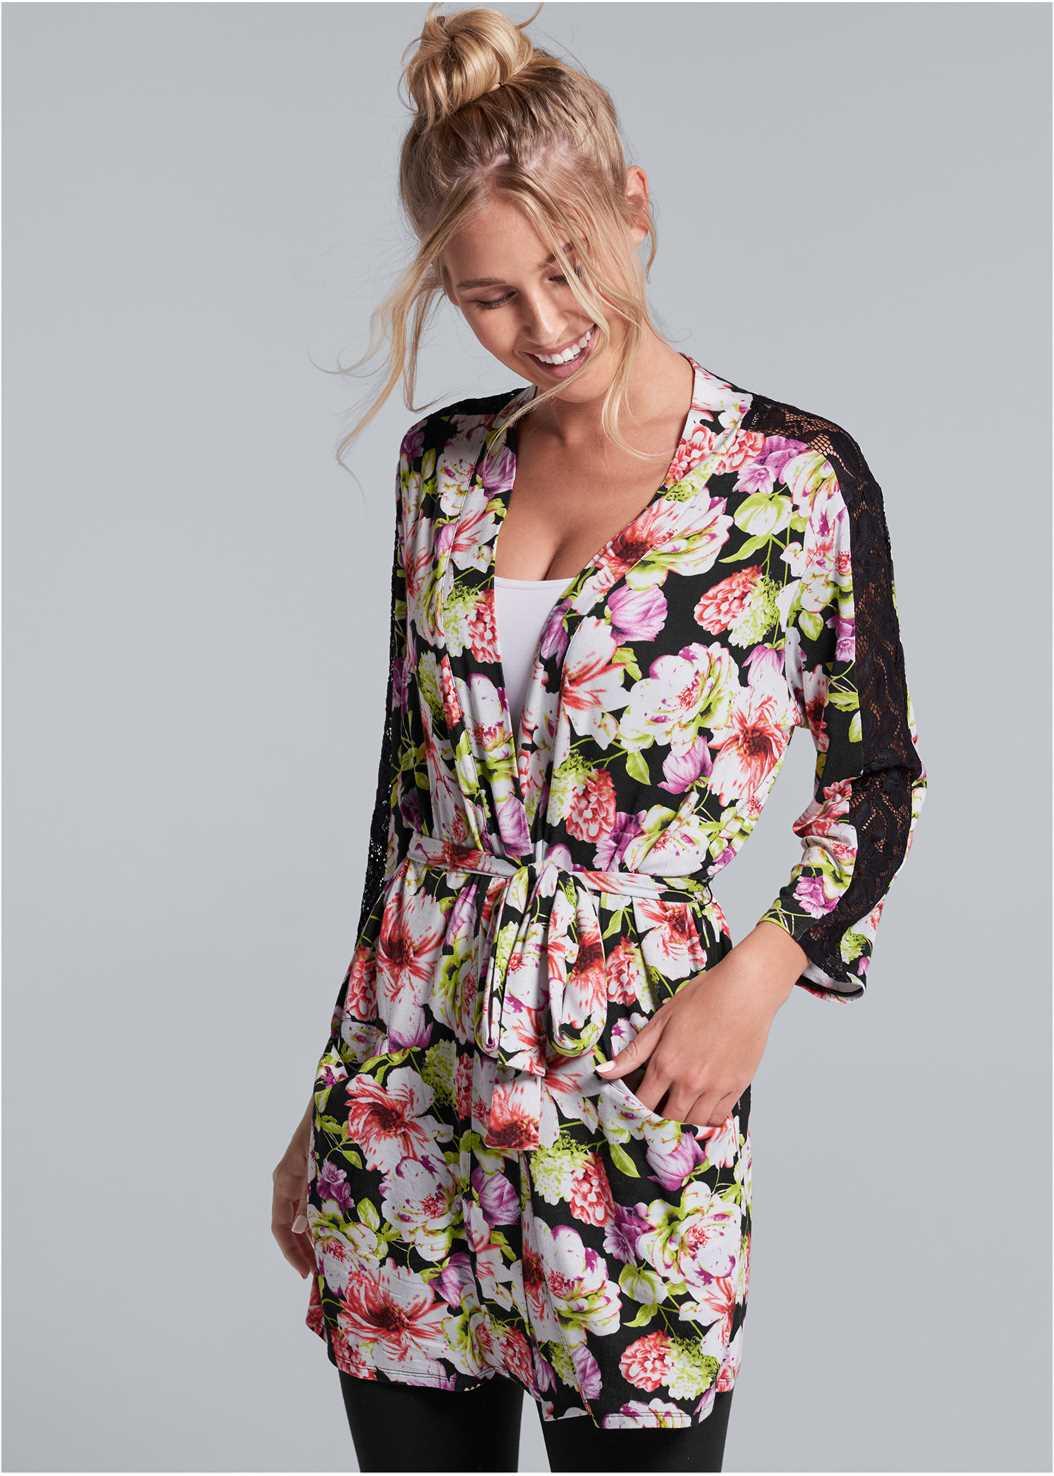 Floral Print Robe,Basic Cami Two Pack,Basic Leggings,Satin Lace Bra/Thong Set